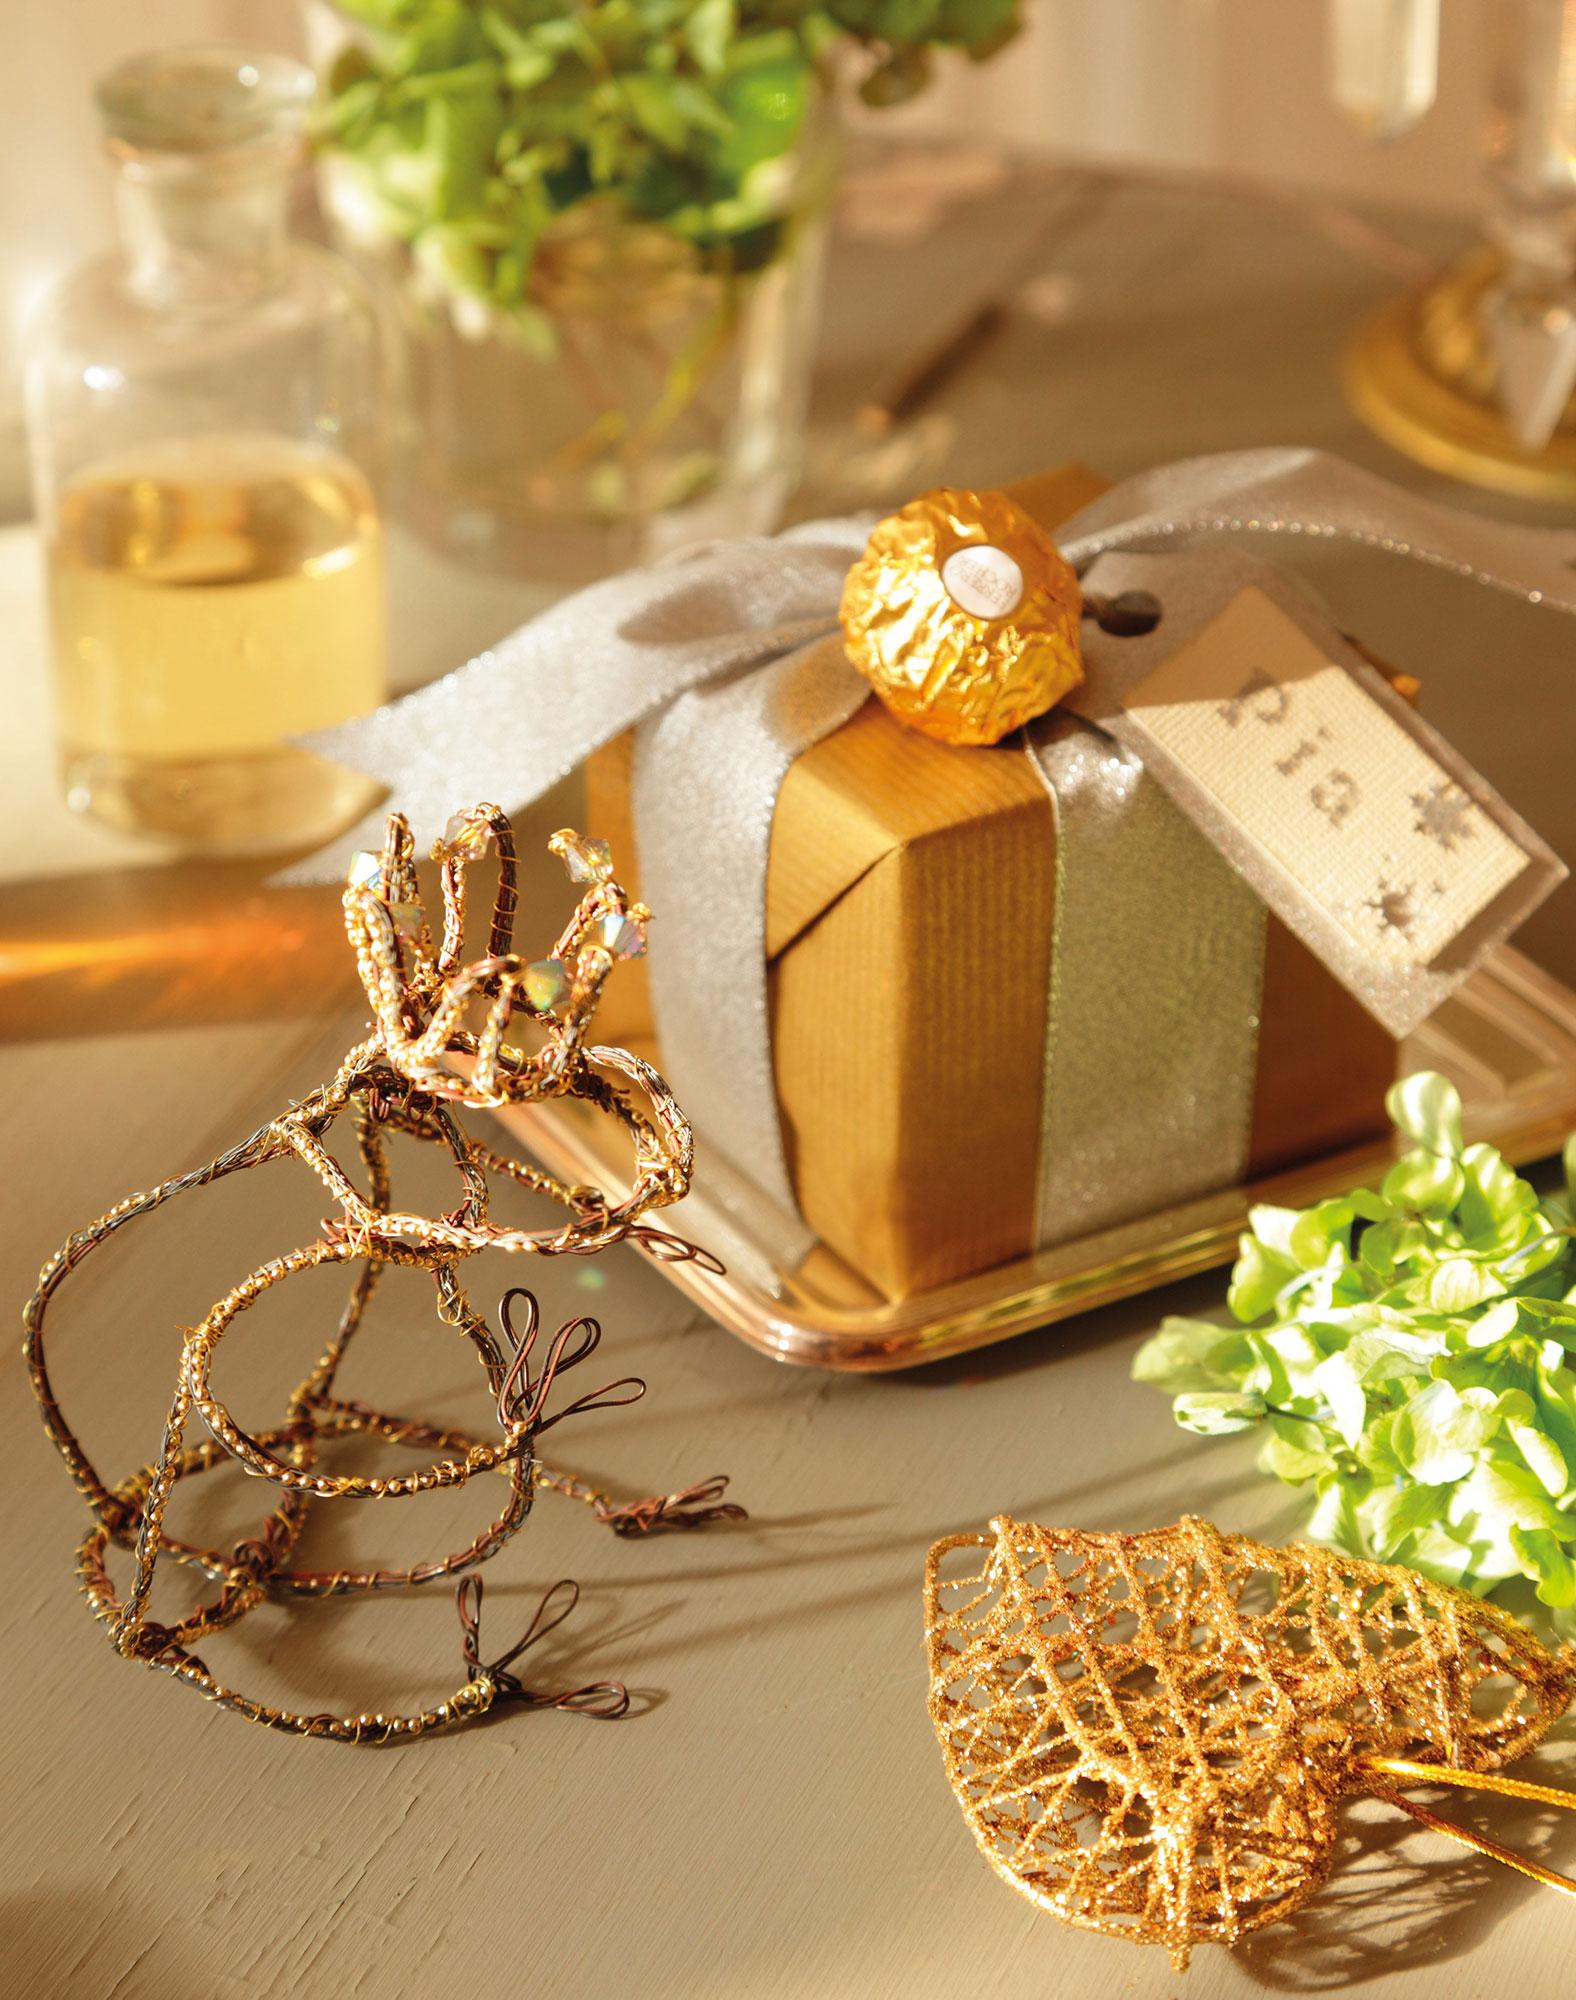 M s de 15 ideas para envolver los regalos por navidad - Adornos para regalar en navidad ...